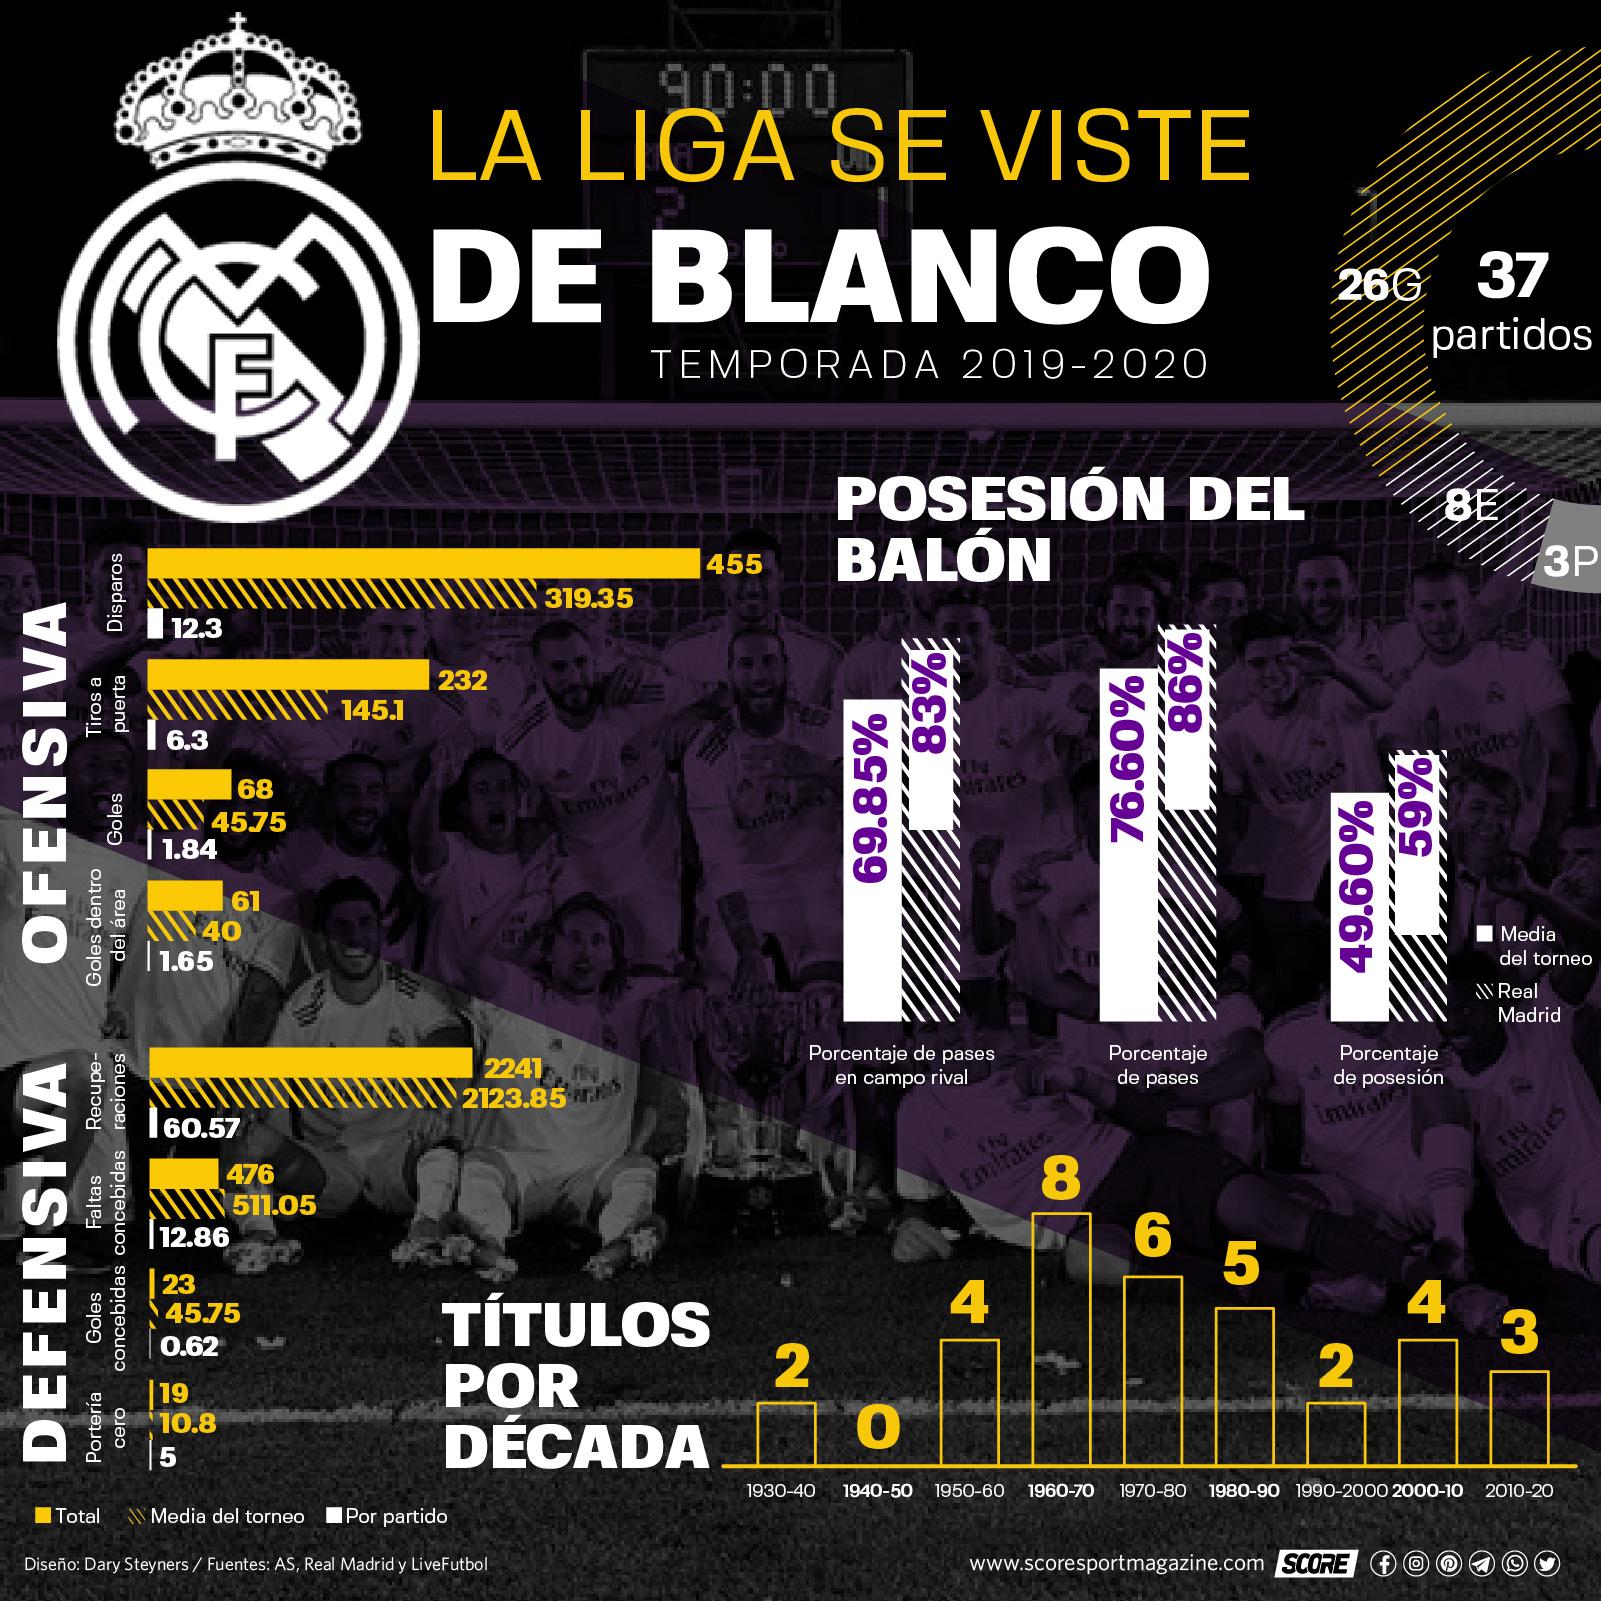 Estadísticas del Real Madrid en La Liga durante la temporada 2019-2020